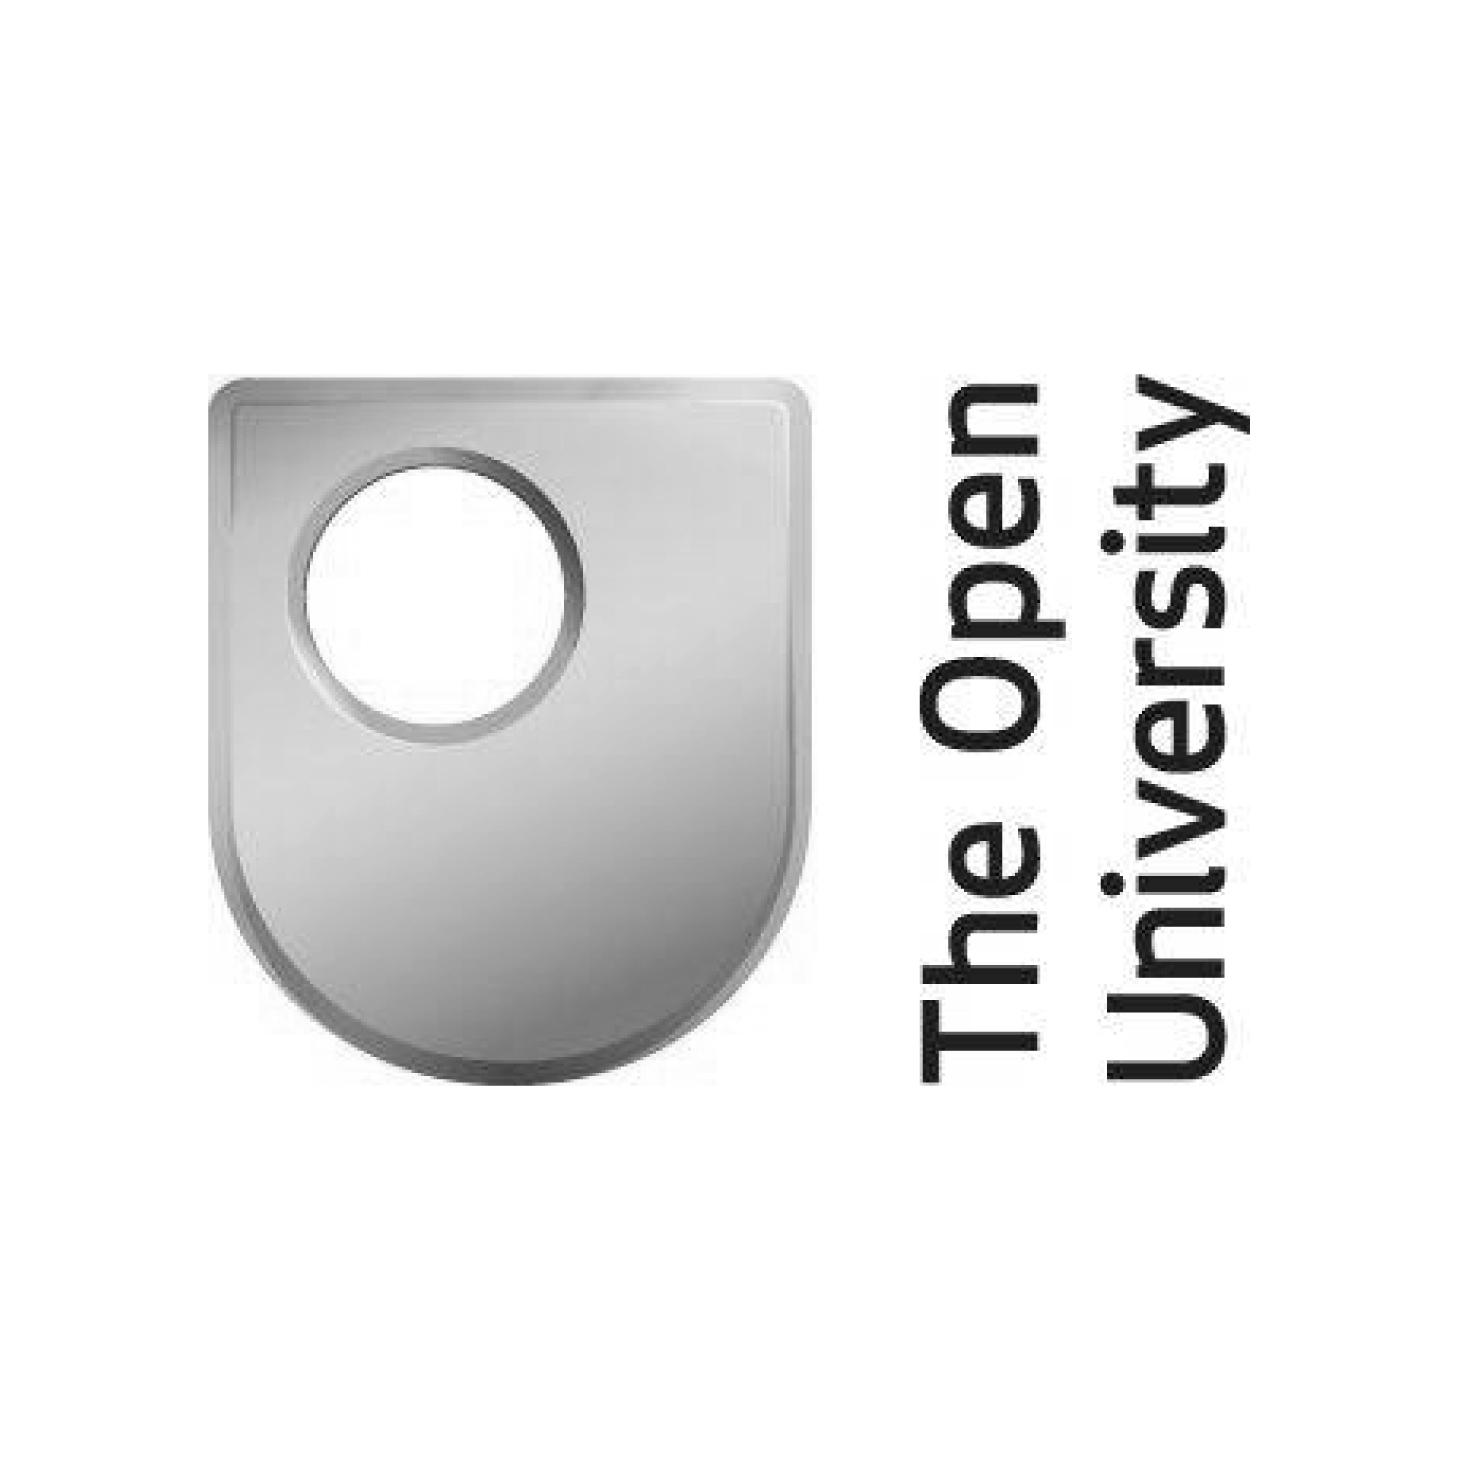 OU-01.jpg